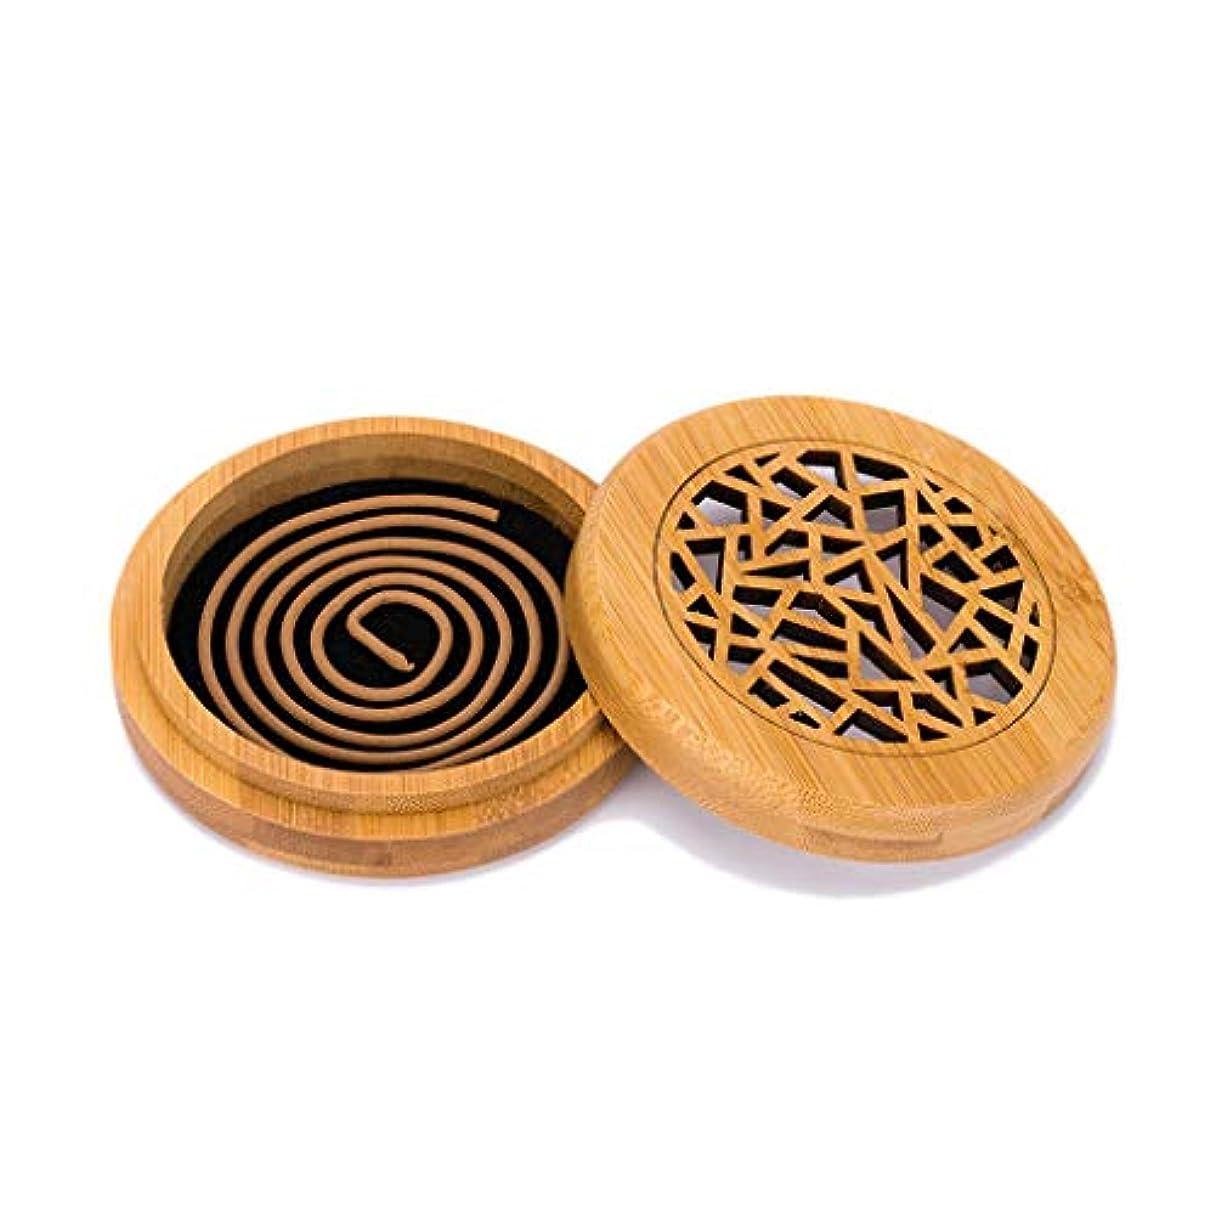 恒久的ペイン傾く竹の香バーナーコイルの香バーナー部屋の装飾瞑想竹の香り天然素材香ホルダー (Color : WOOD, サイズ : Round)